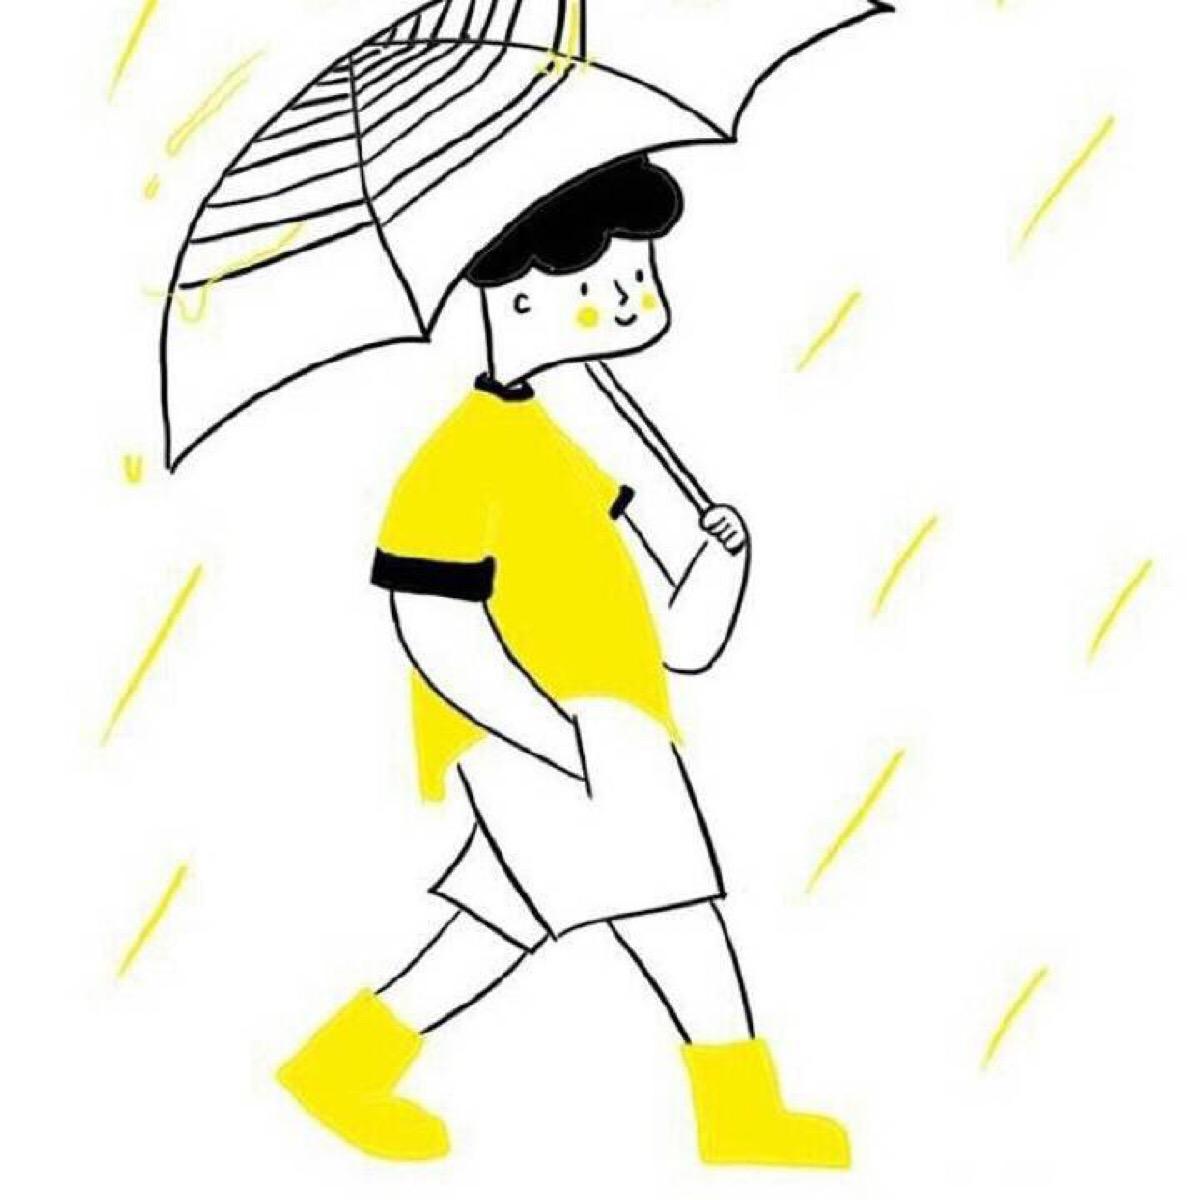 黄色手绘风格高清情侣头像 第8张